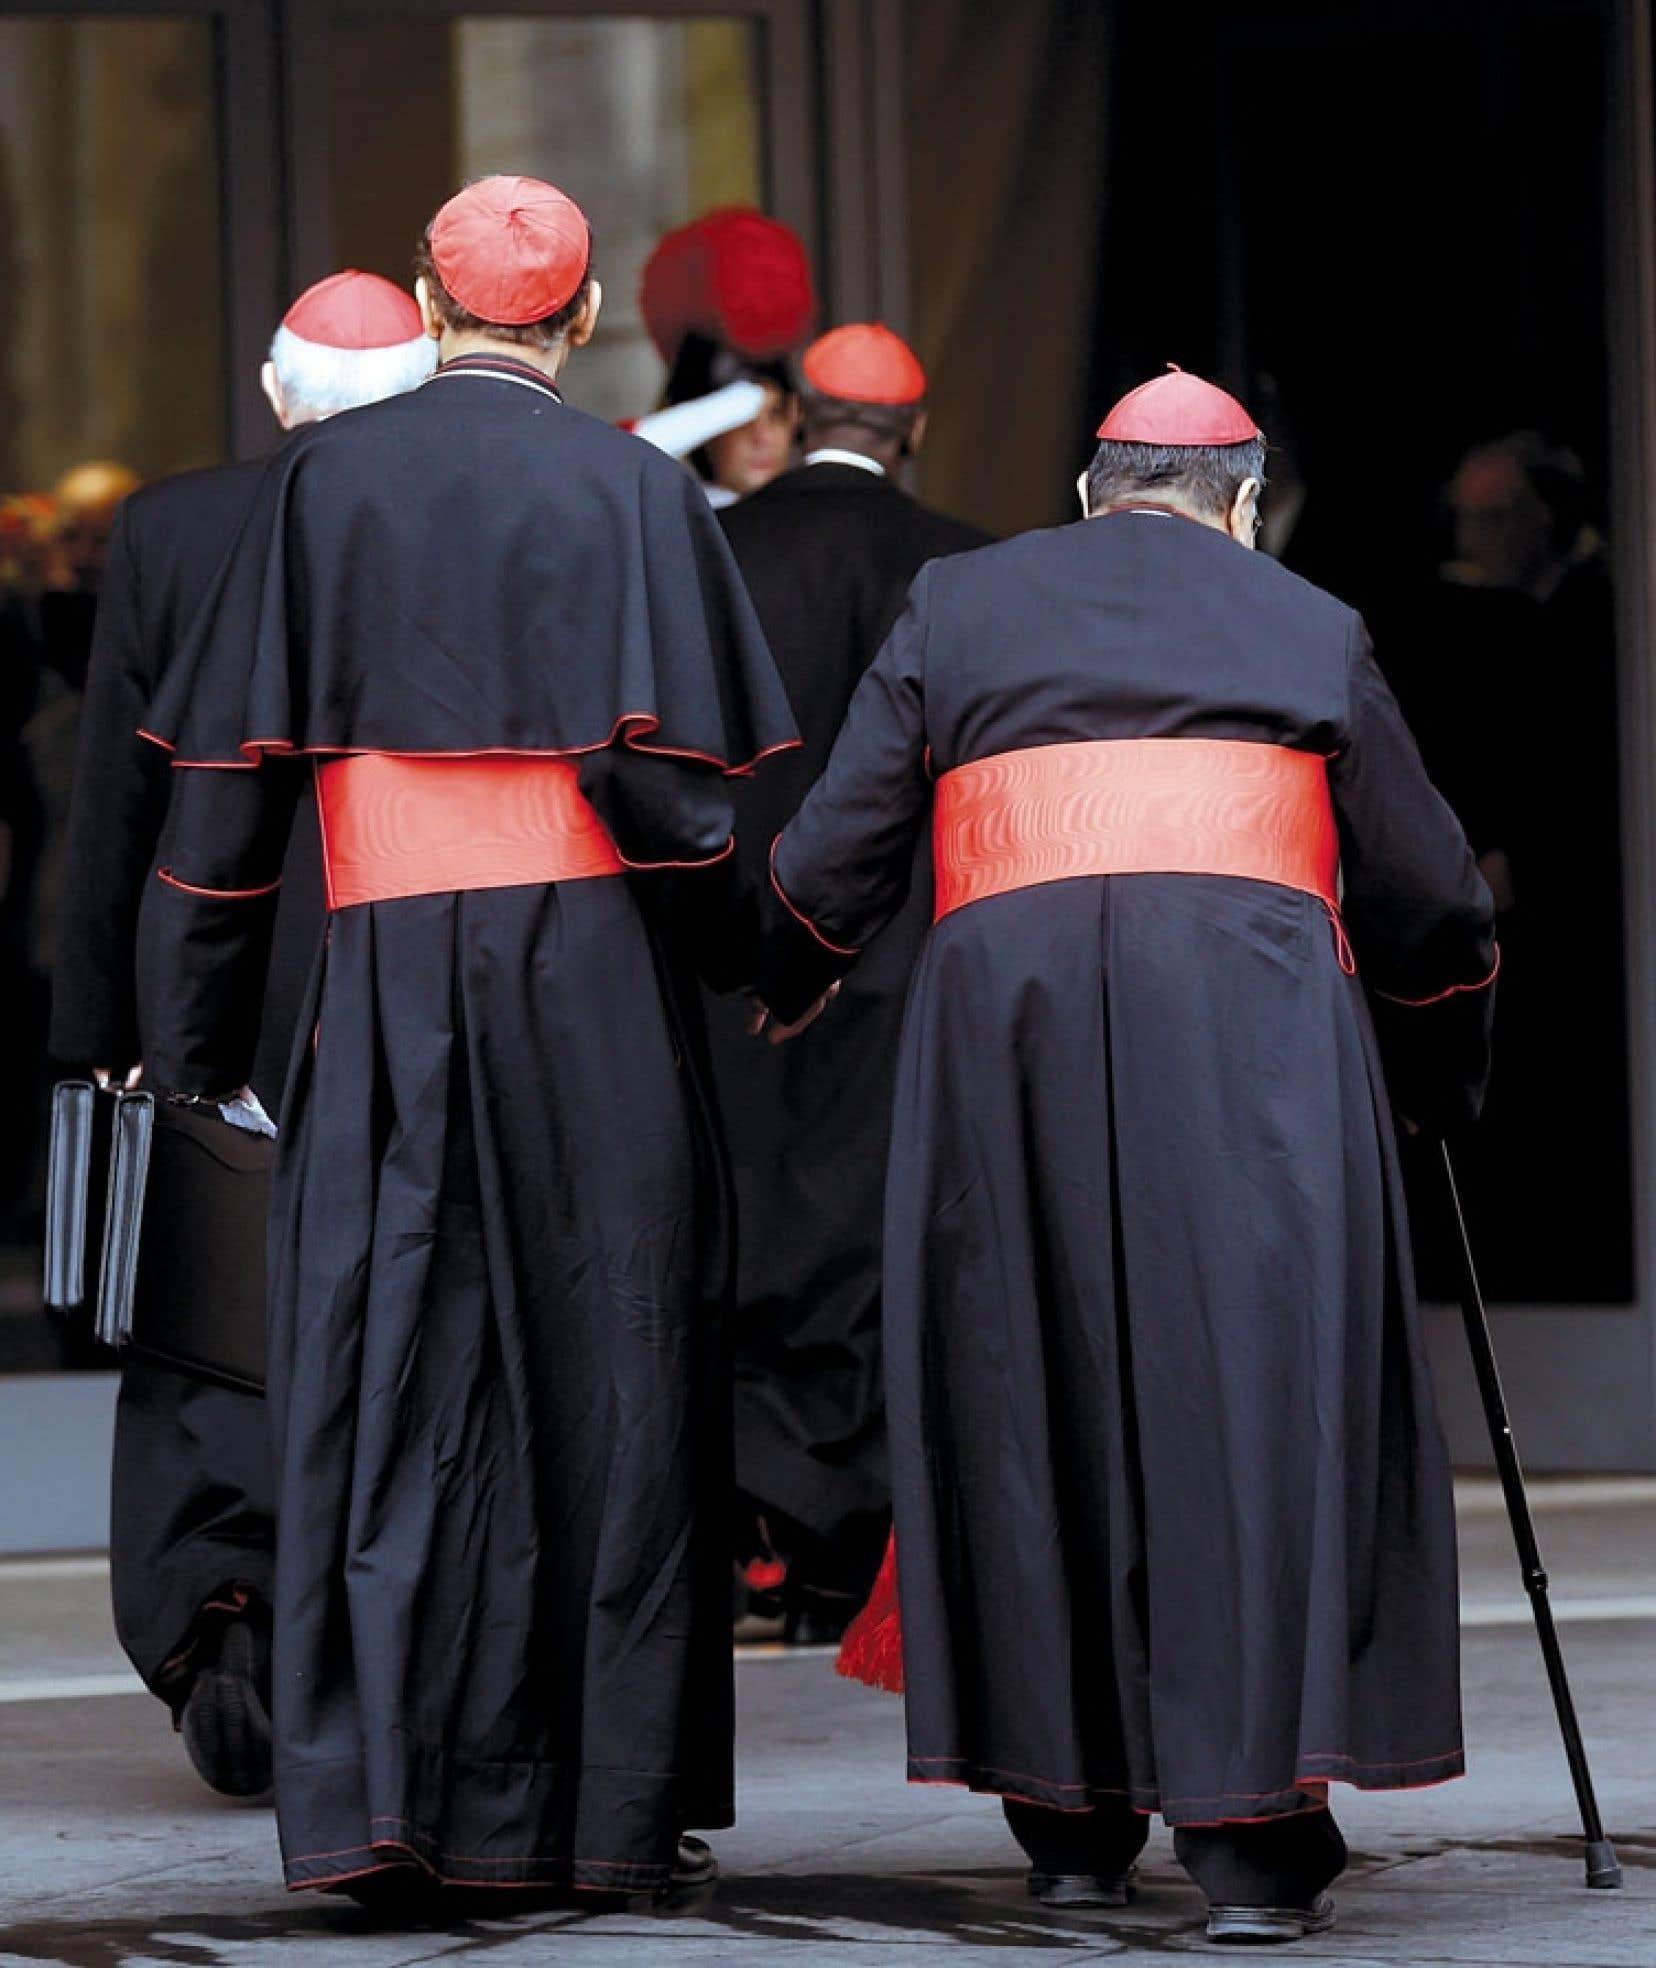 Arrivée des cardinaux à la dernière congrégation générale tenue lundi matin avant l'ouverture, ce mardi, du conclave devant trouver un successeur à Benoît XVI.